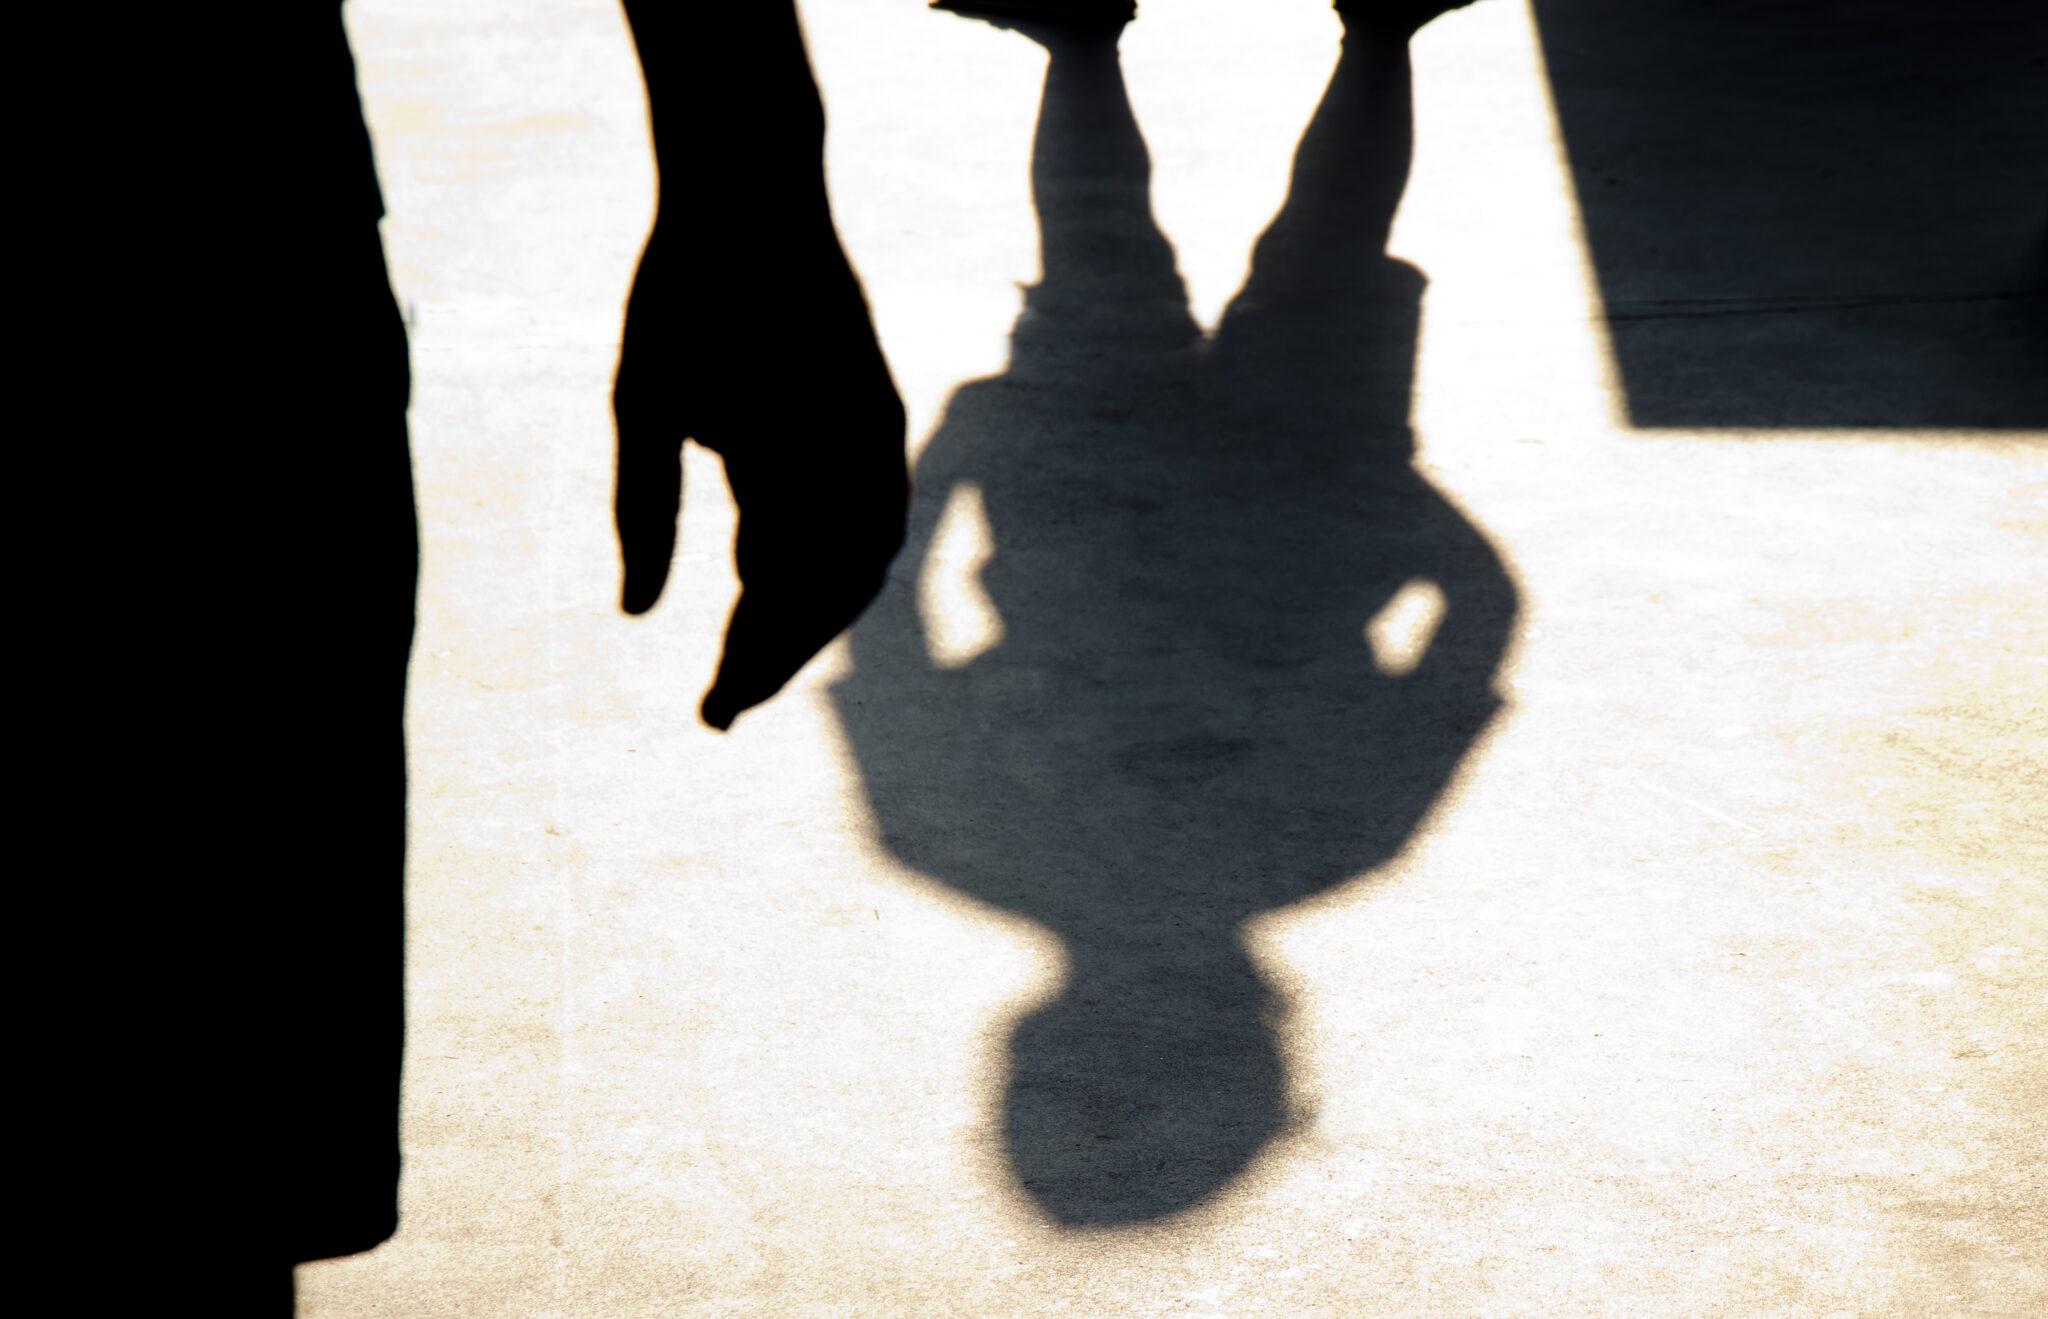 Schatten eines Jungen und Silhouette einer Hand im Vordergrund